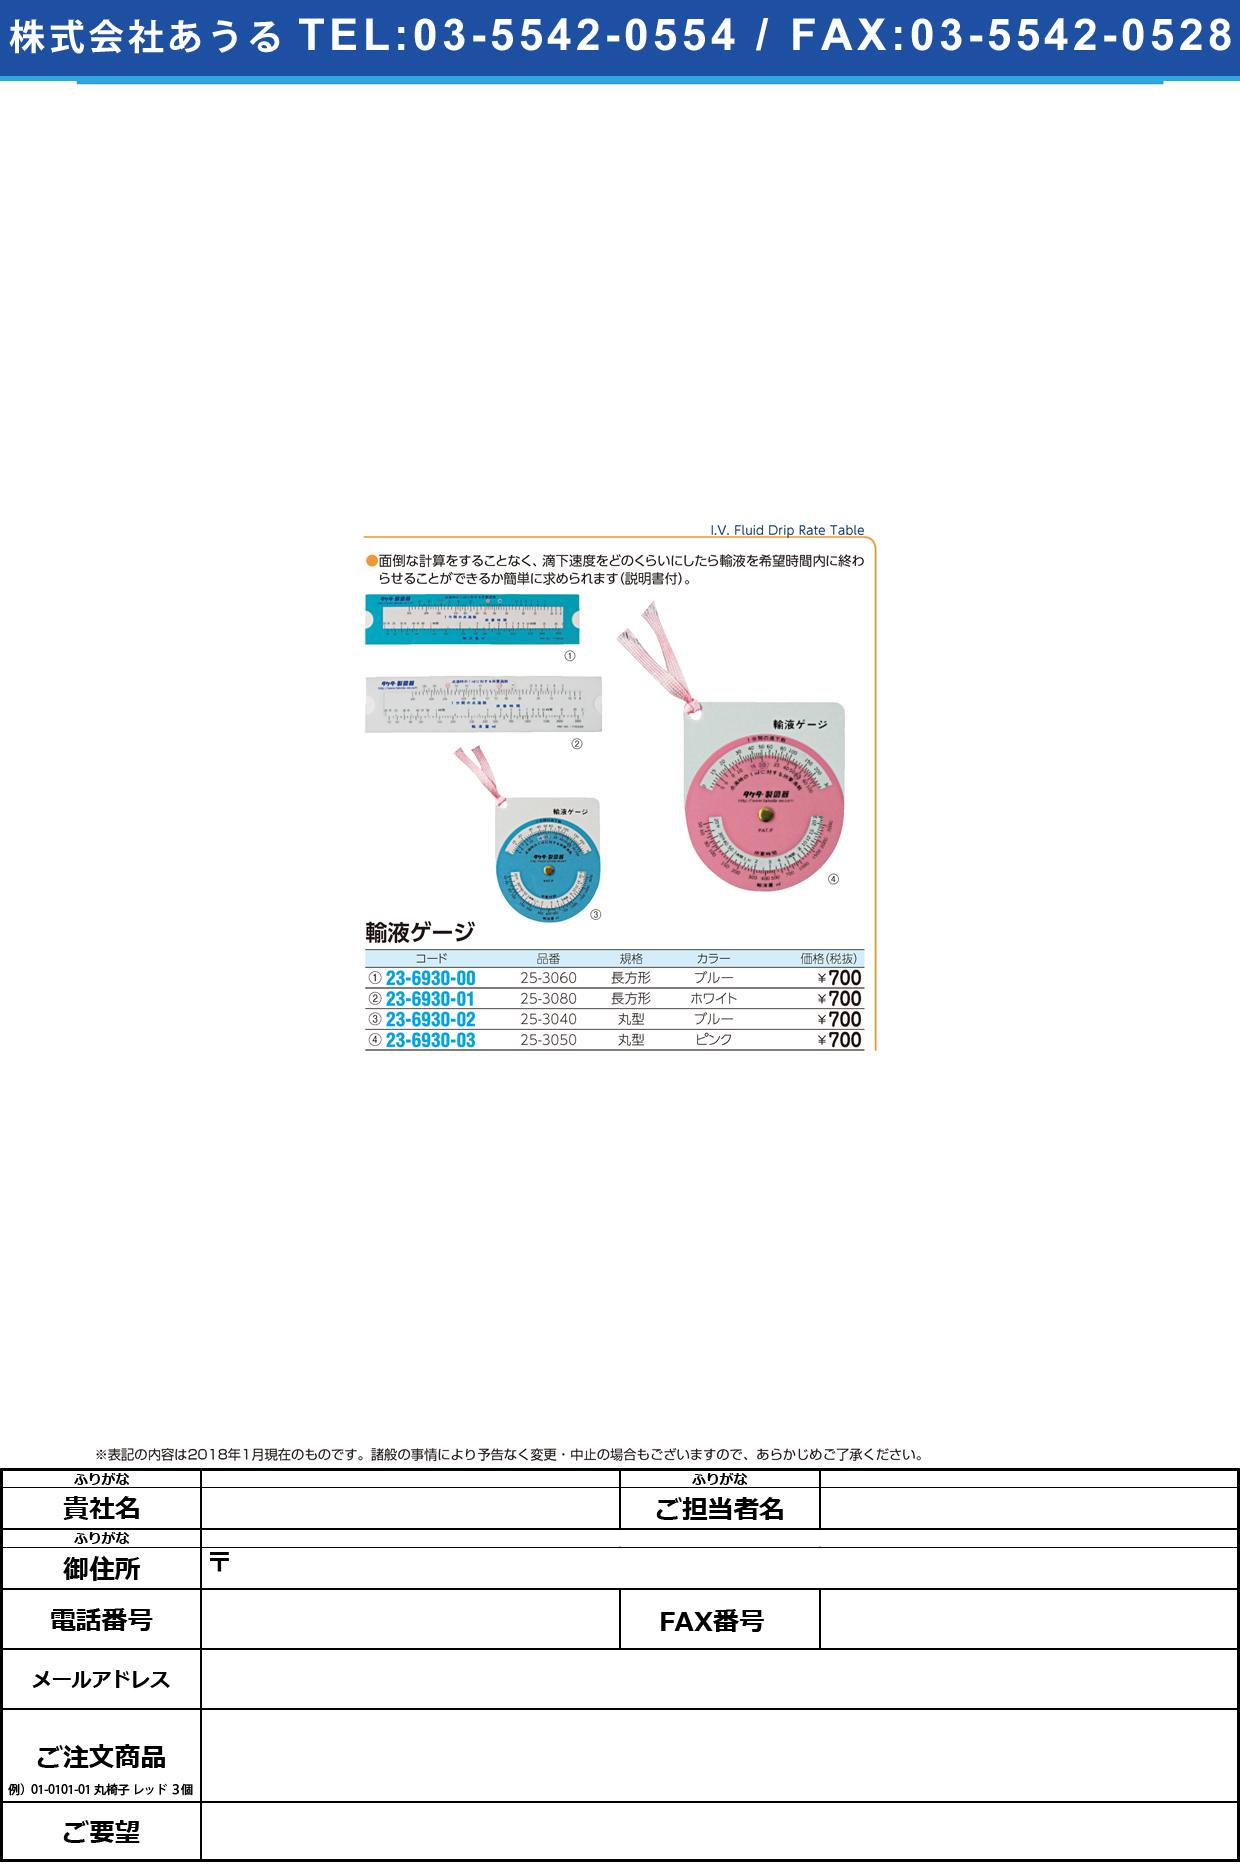 (23-6930-02)輸液ゲージ(丸型)ブルー 25-3040 ユエキゲージ(マルガタ)ブルー【1枚単位】【2018年カタログ商品】